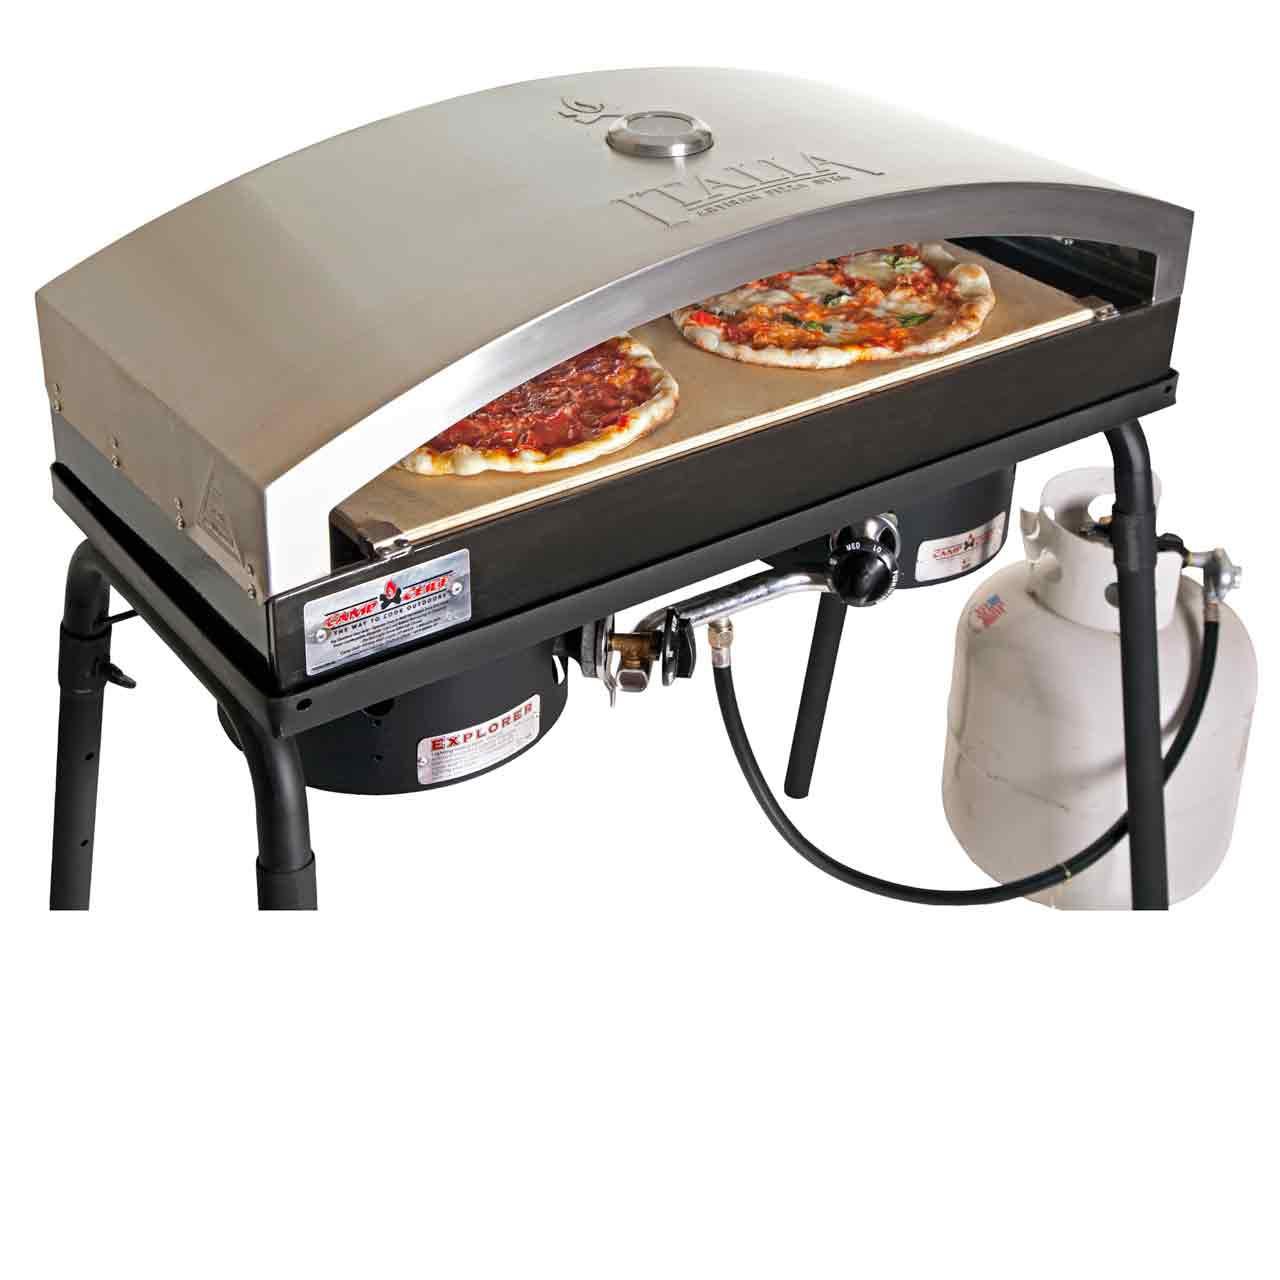 Italia Artisan Pizza Oven 60 Accessory